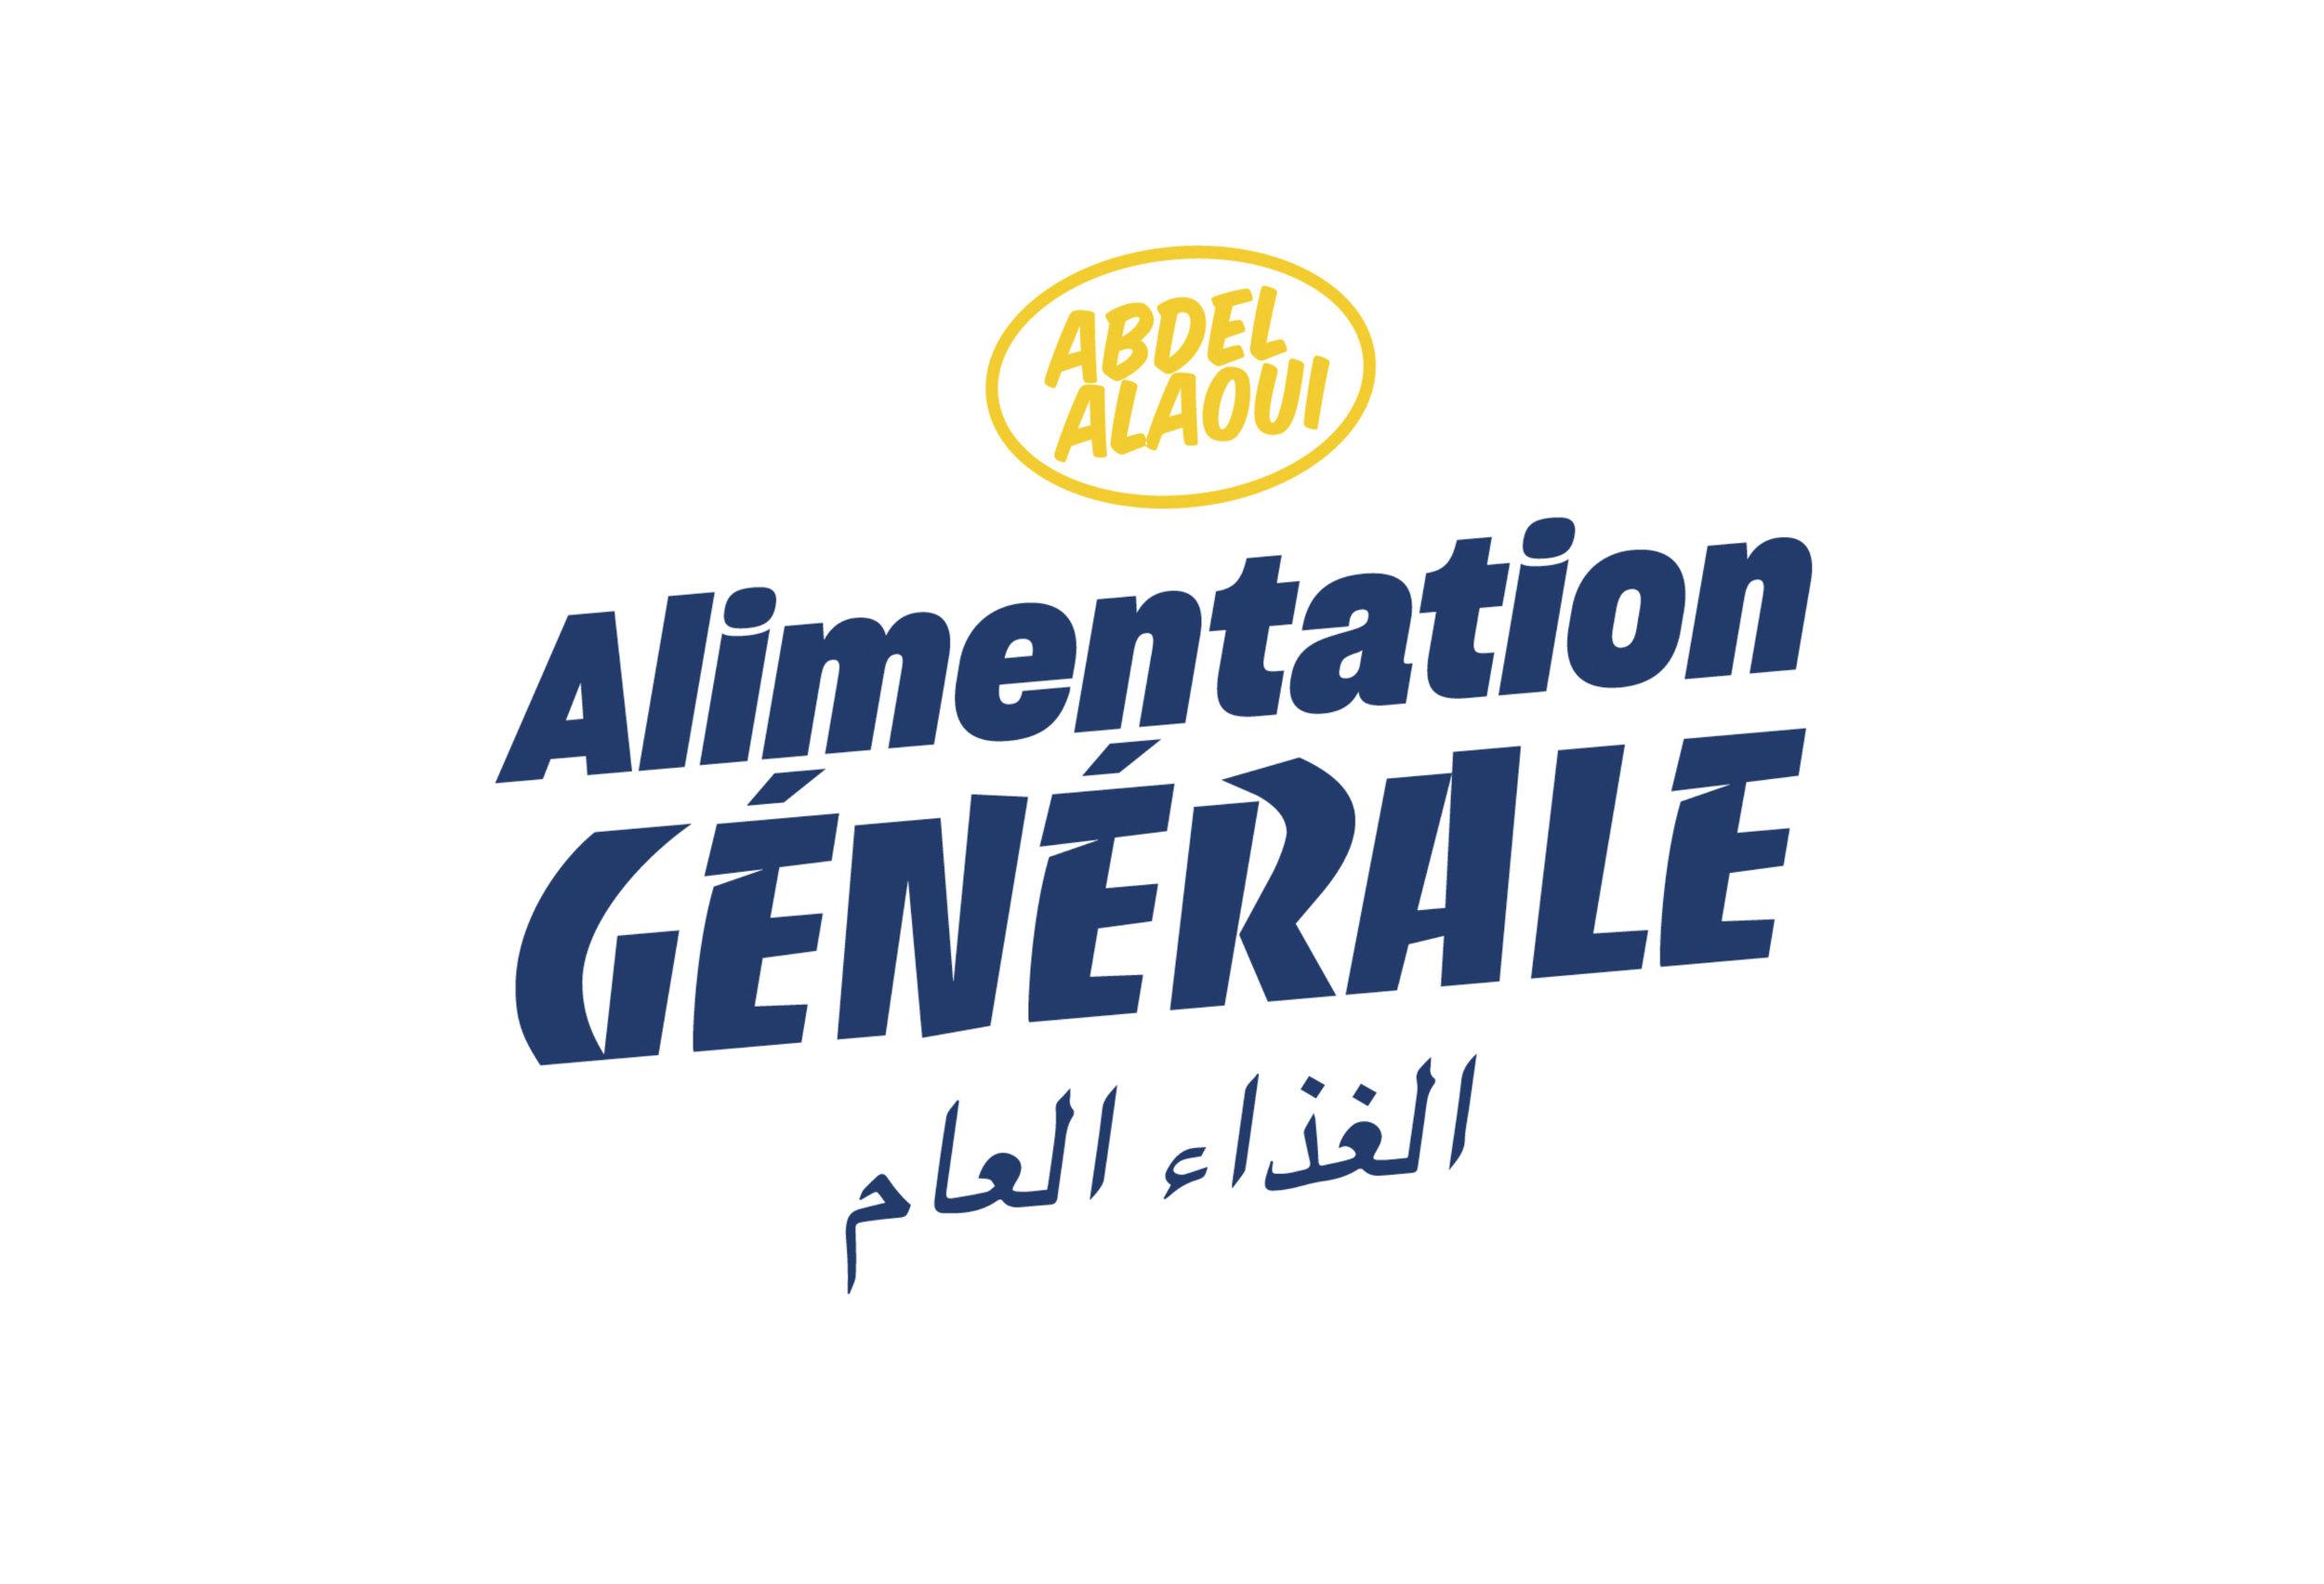 Alimentation Générale   80 recettes marocaines  Abdel Alaoui  Éditions de La Martinière 224 pages